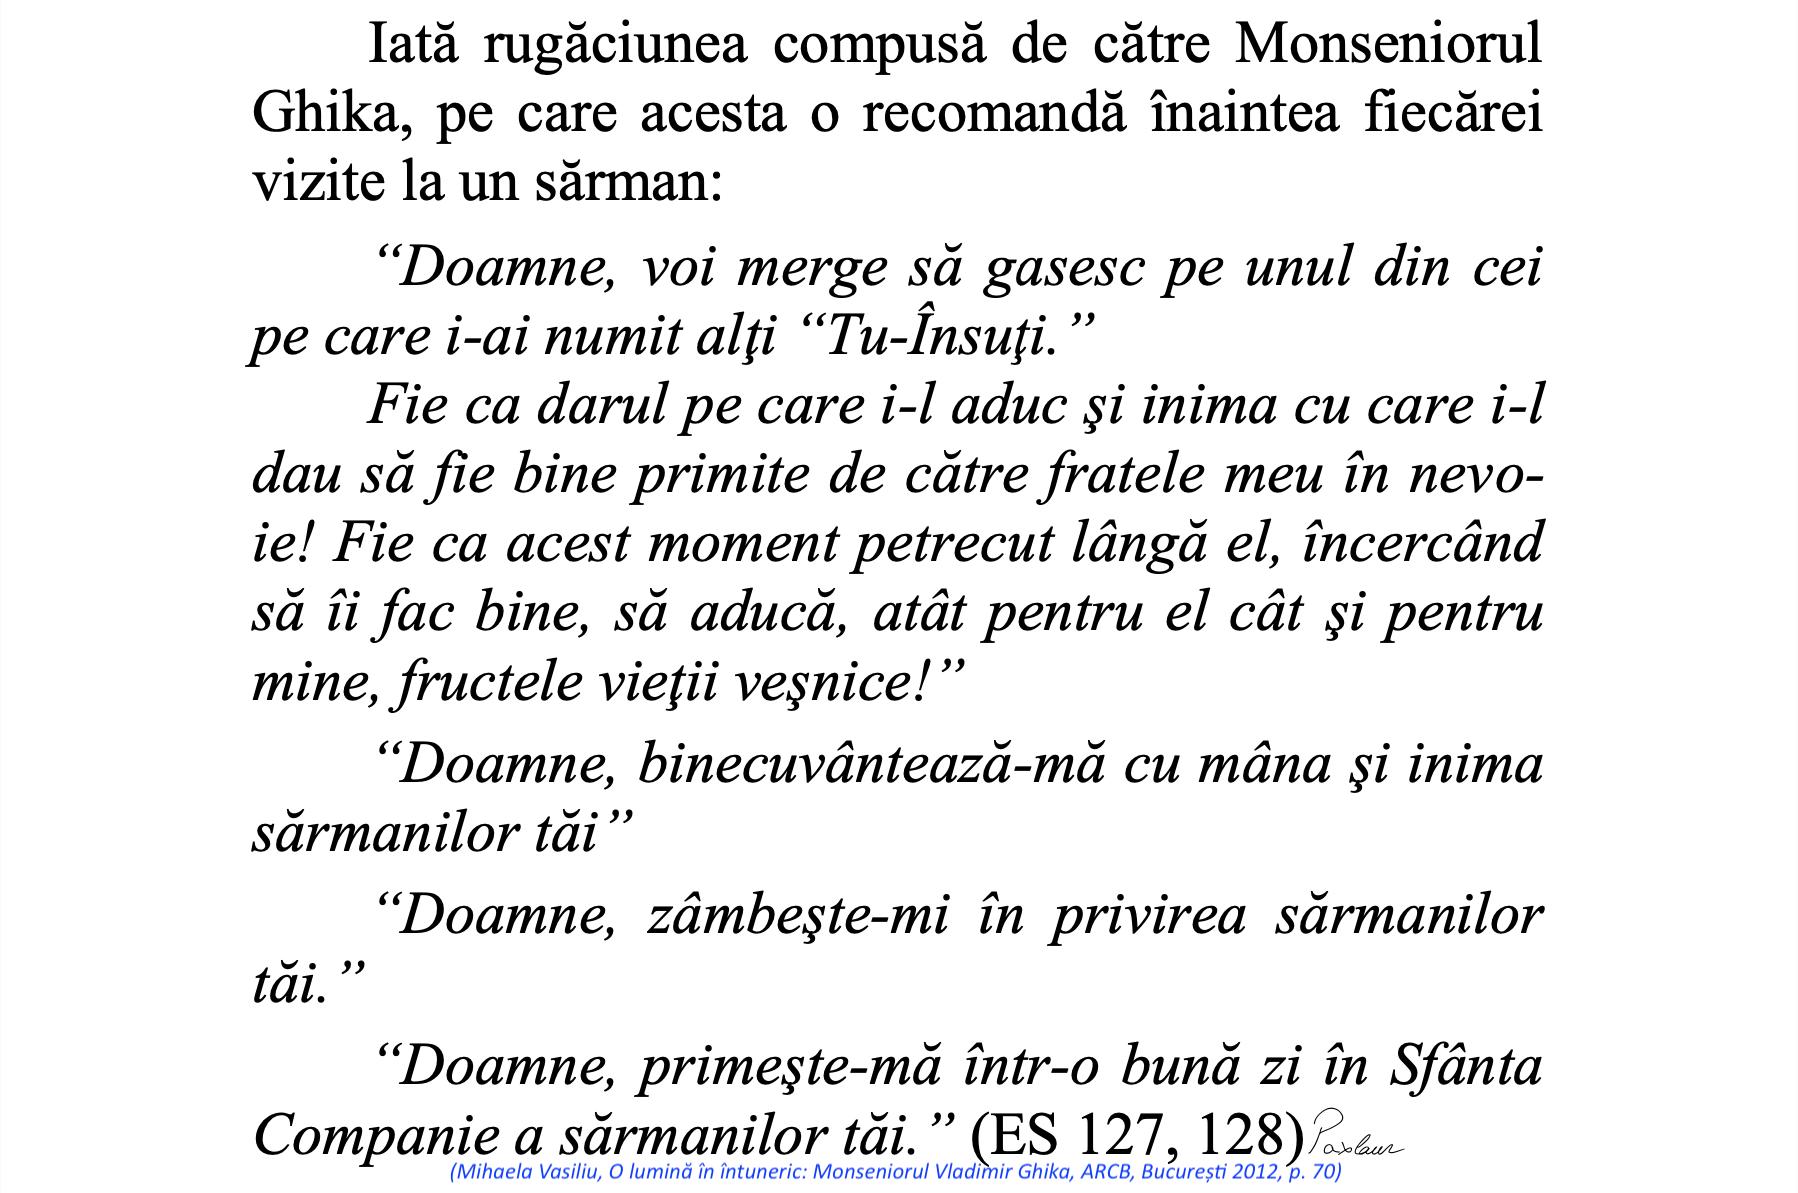 sarmani-rugaciune-vladimir-ghika-1-1